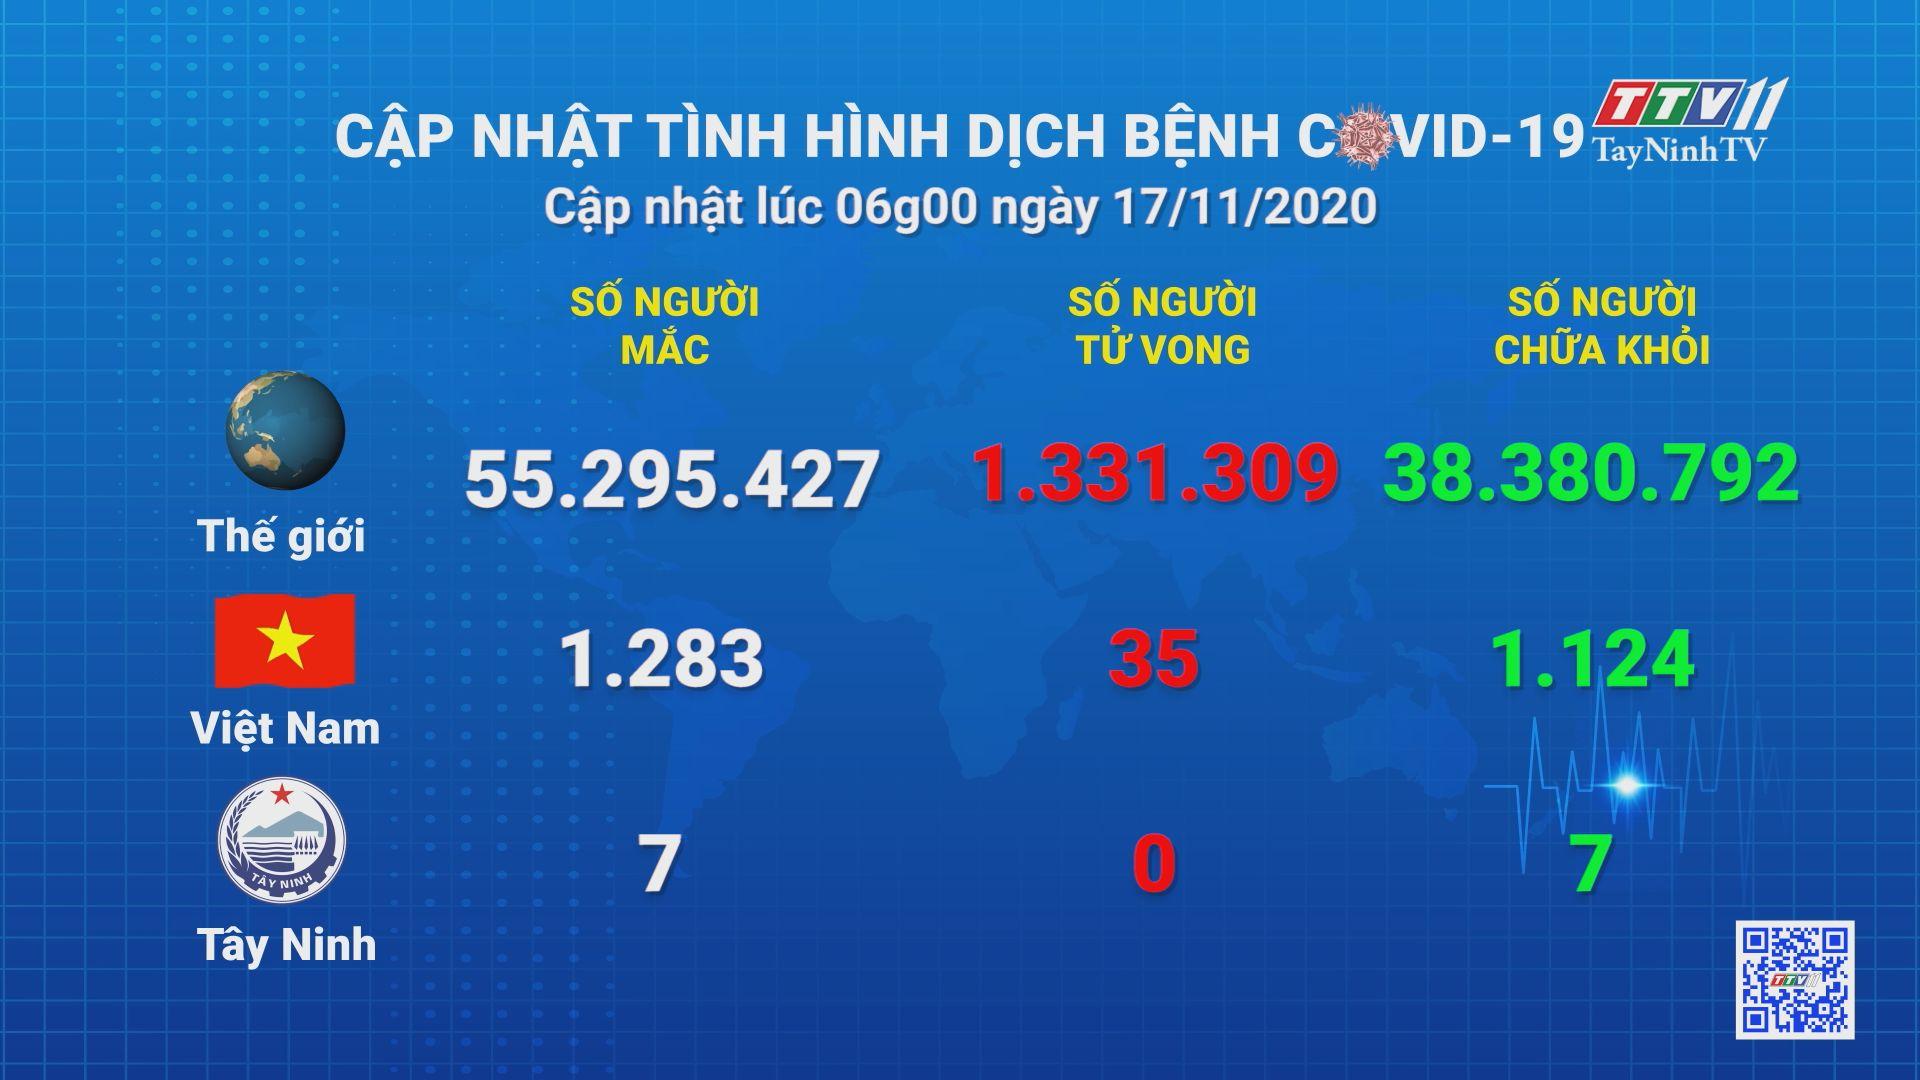 Cập nhật tình hình Covid-19 vào lúc 06 giờ 17-11-2020 | Thông tin dịch Covid-19 | TayNinhTV